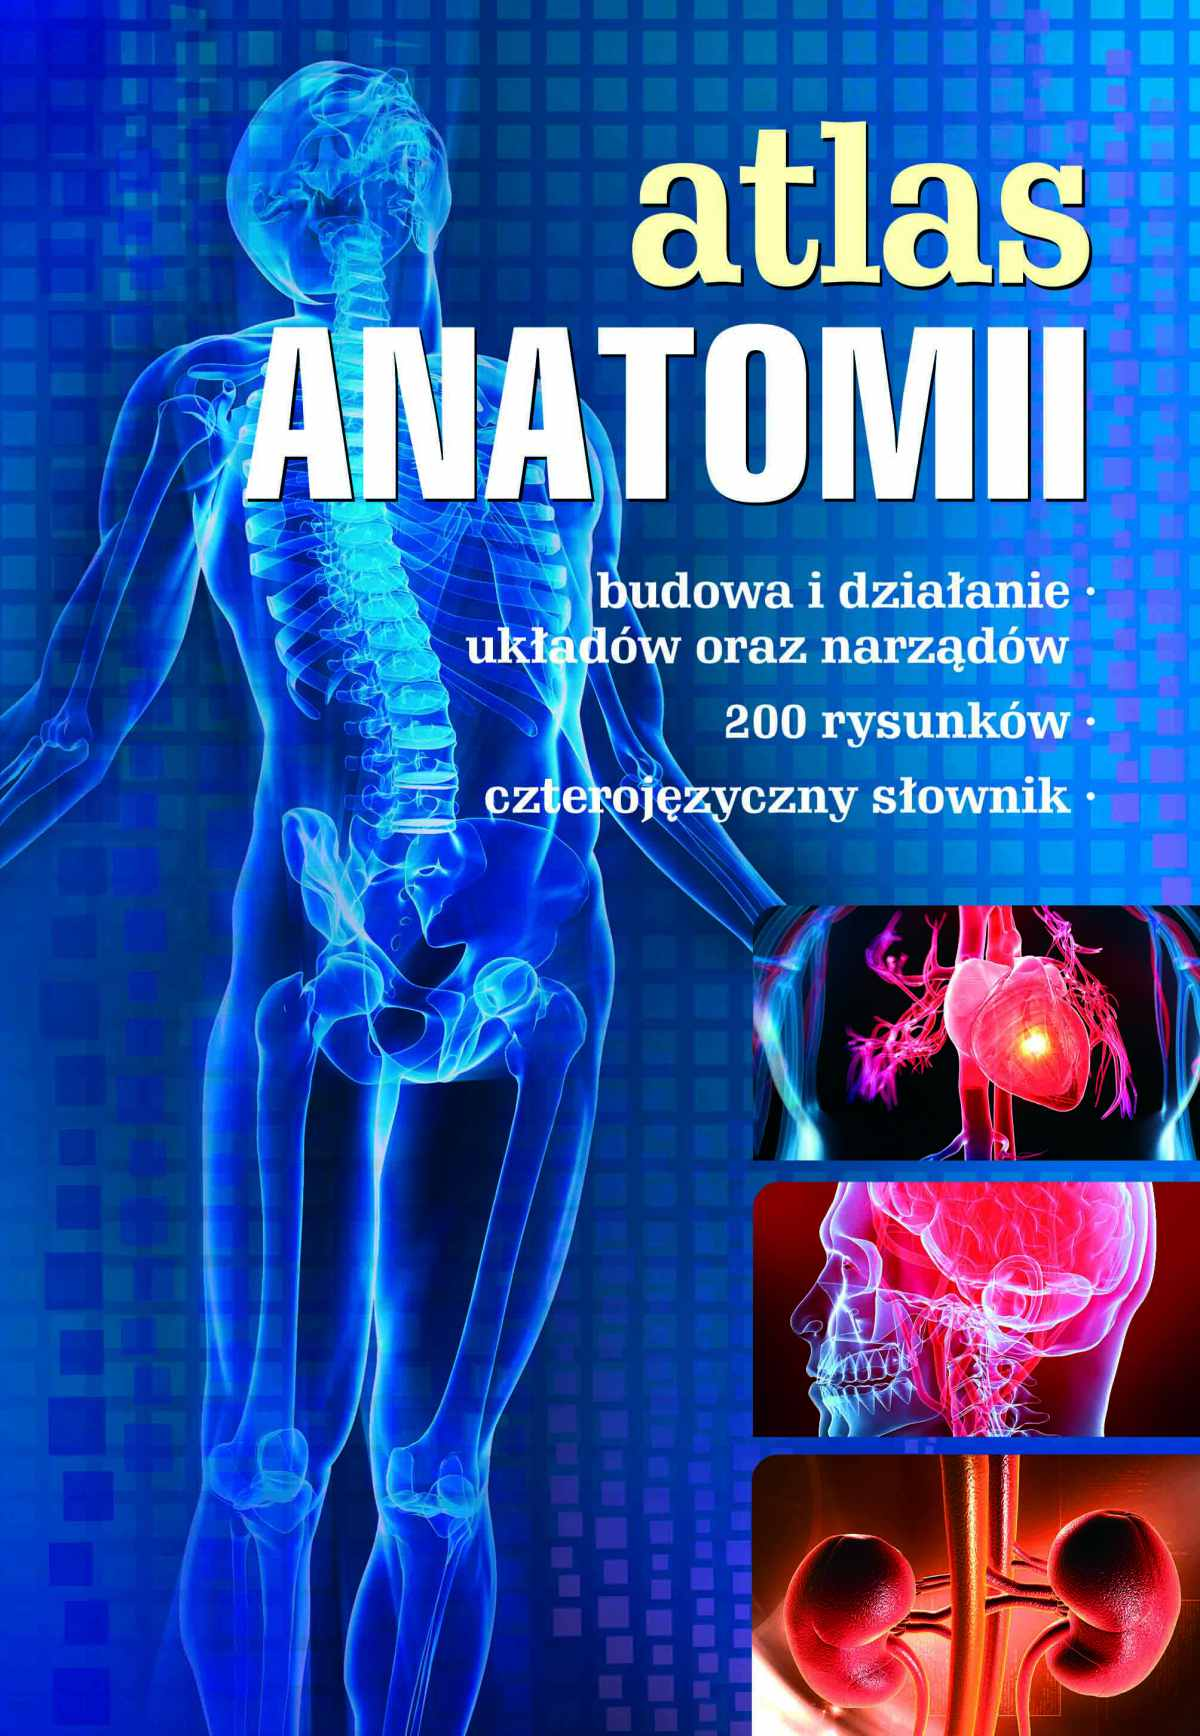 Atlas anatomii - Ebook (Książka PDF) do pobrania w formacie PDF